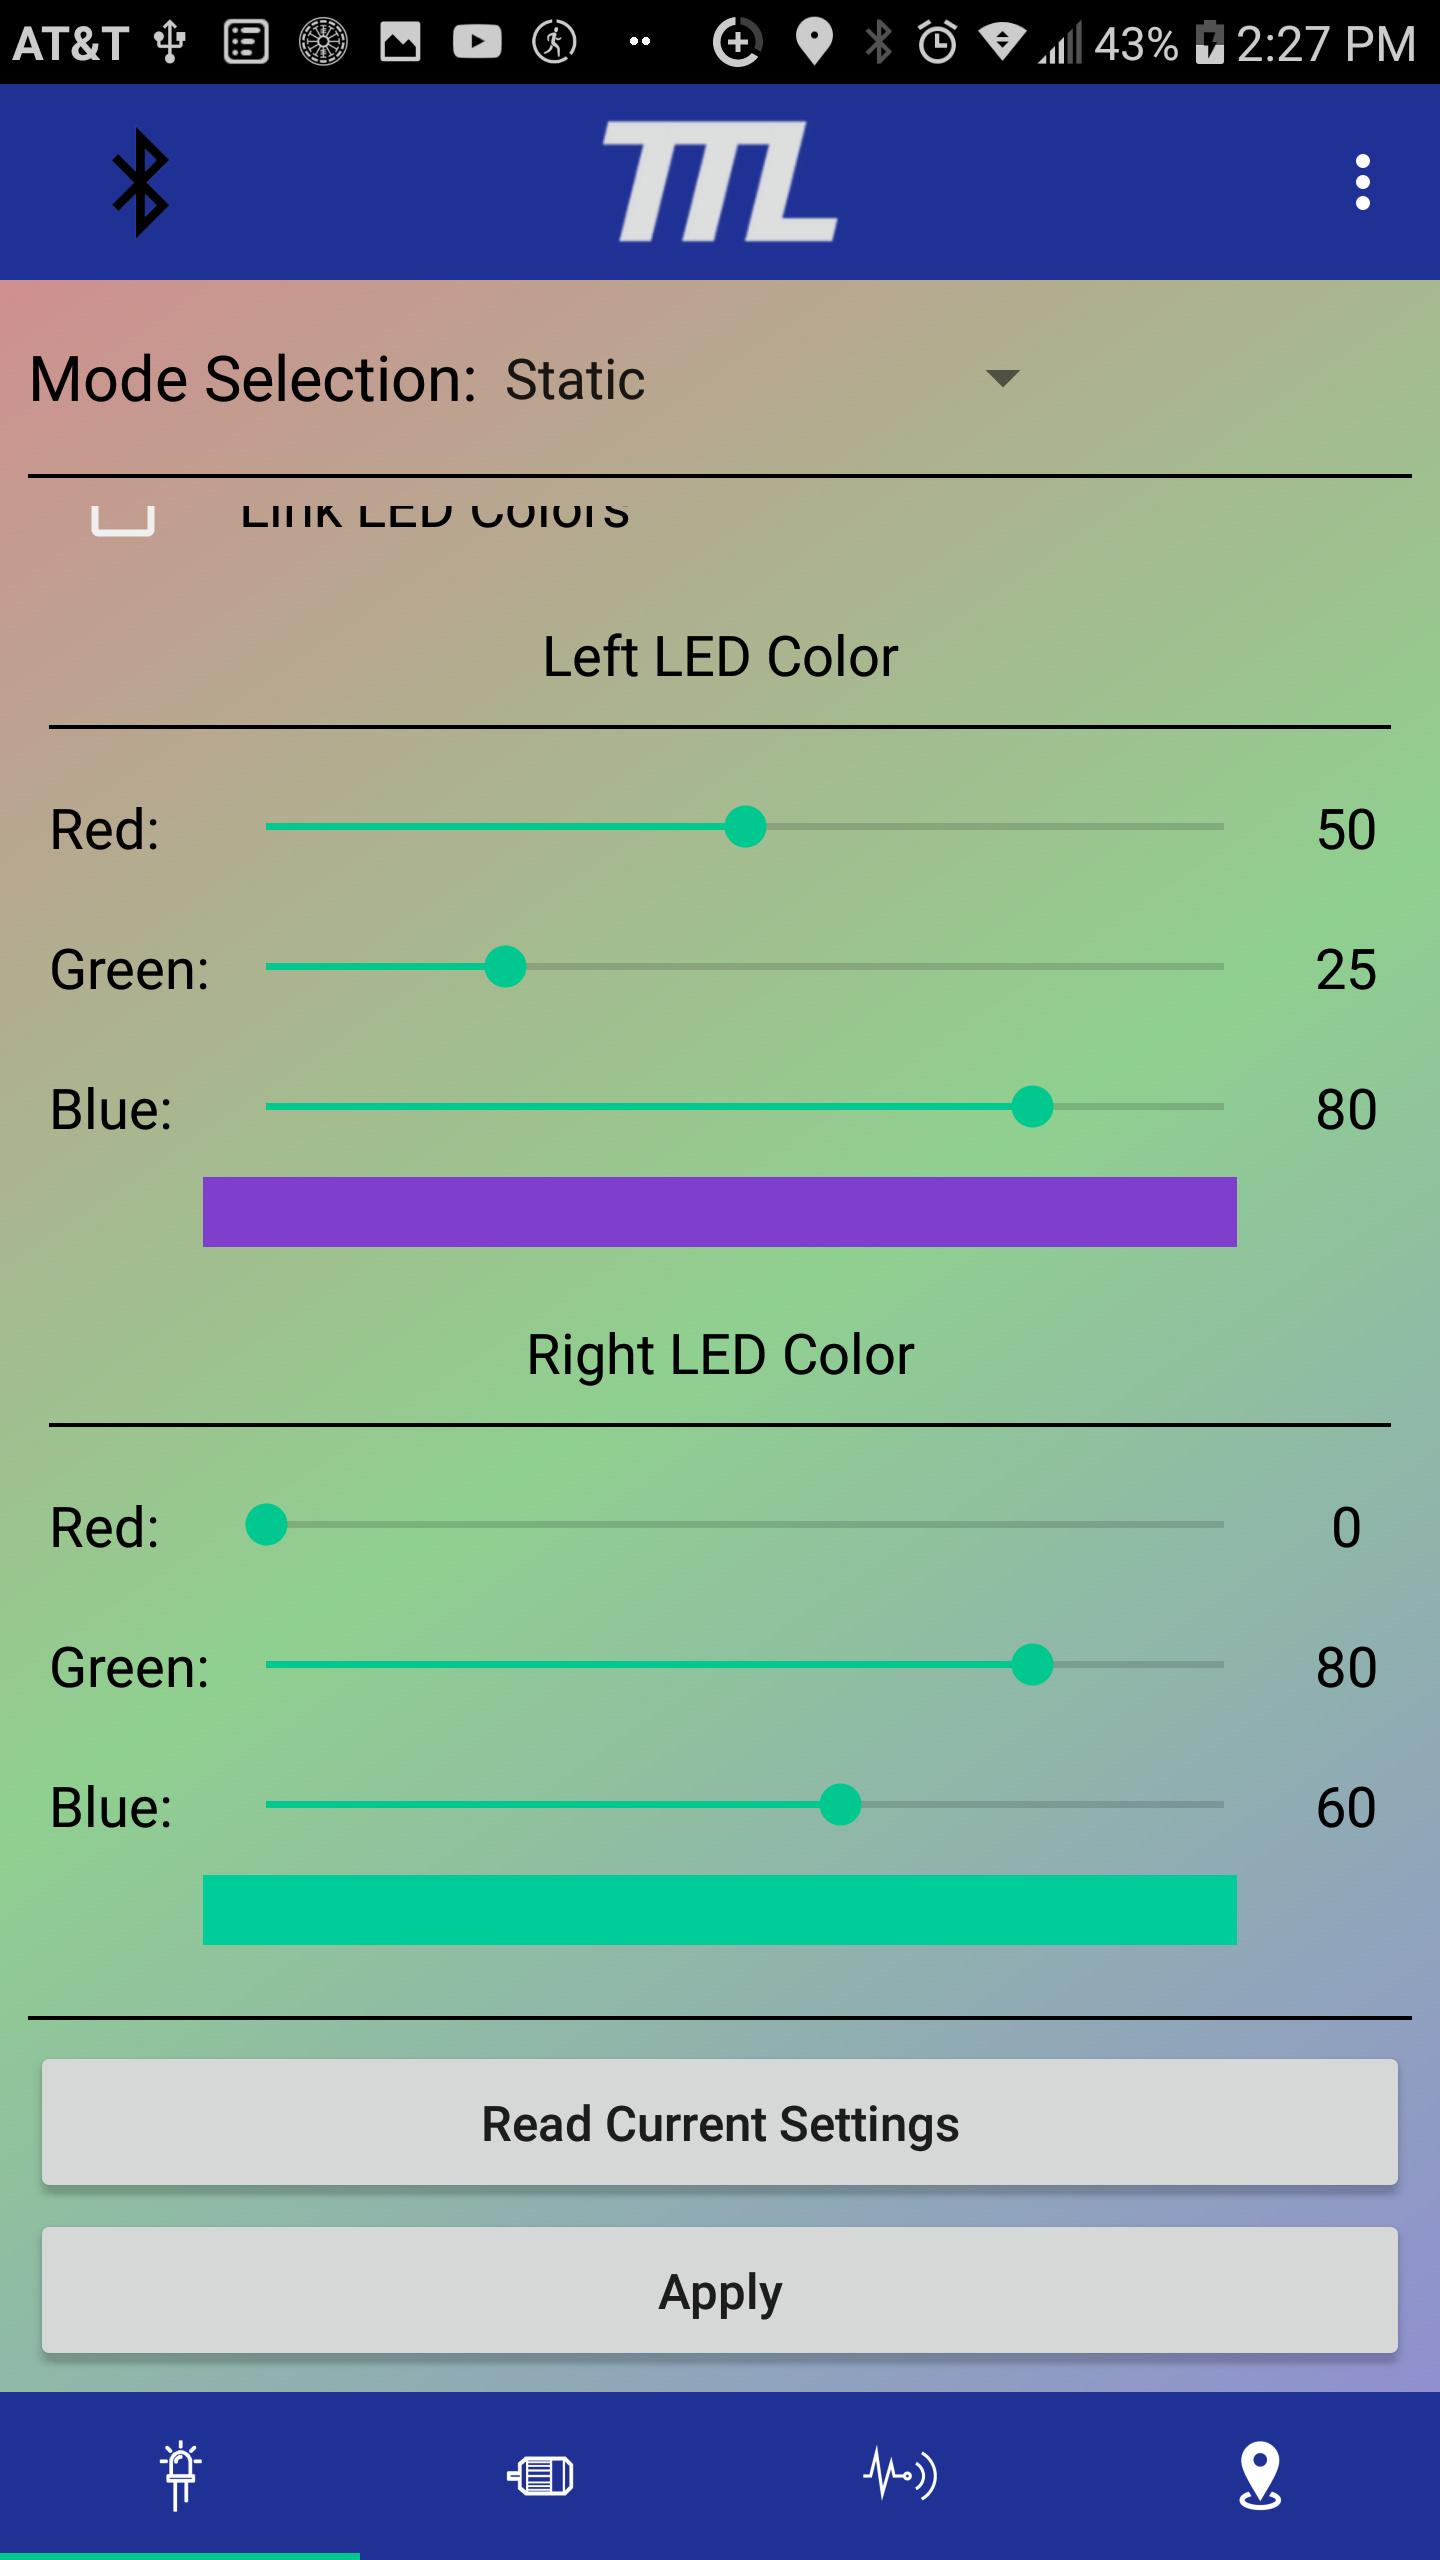 LED%20Modes%20Static